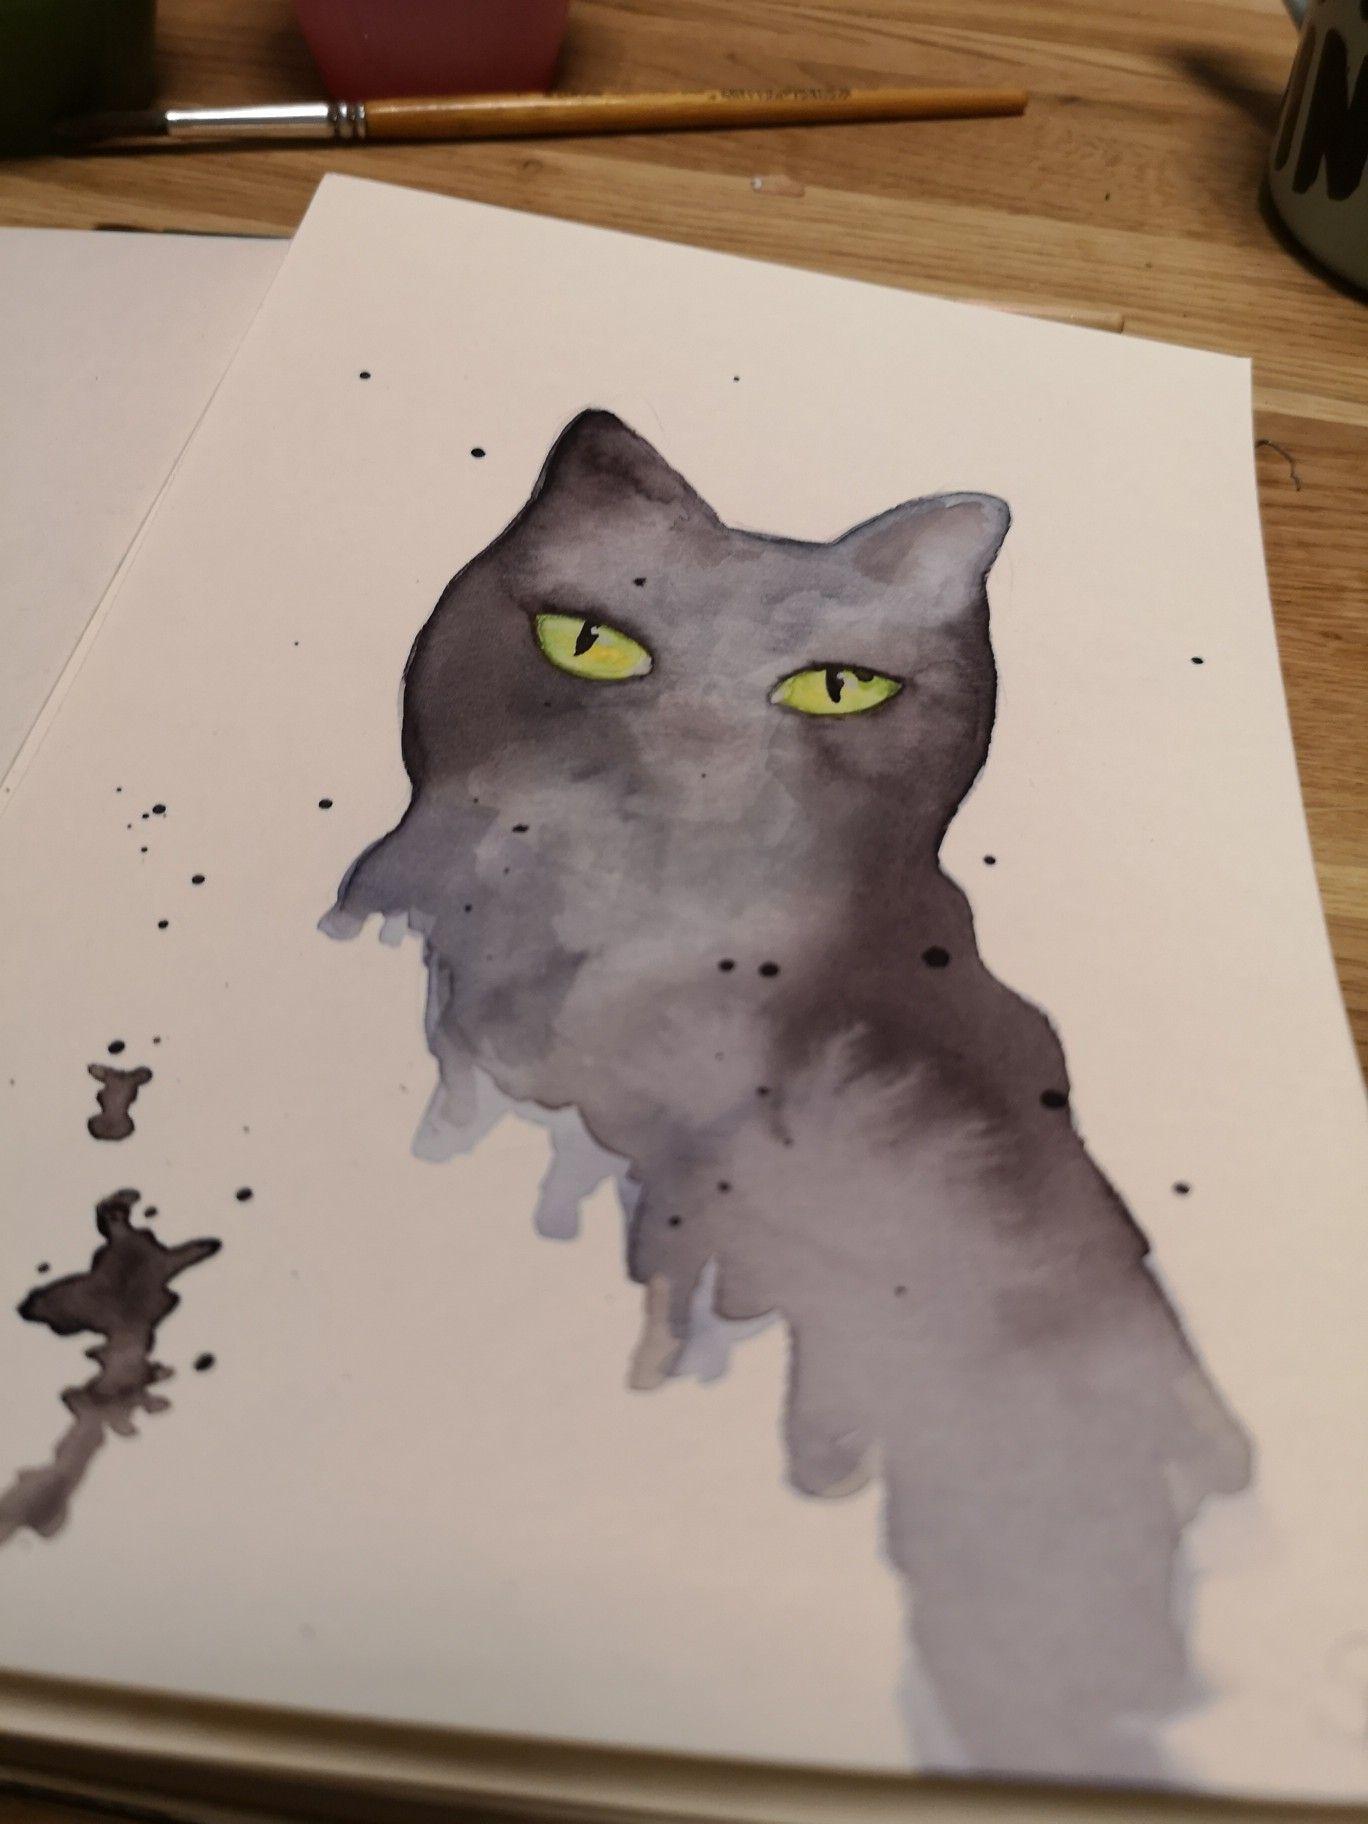 Katze Mit Schmincke Aquarell Farben Watercolor Cat Black Cat